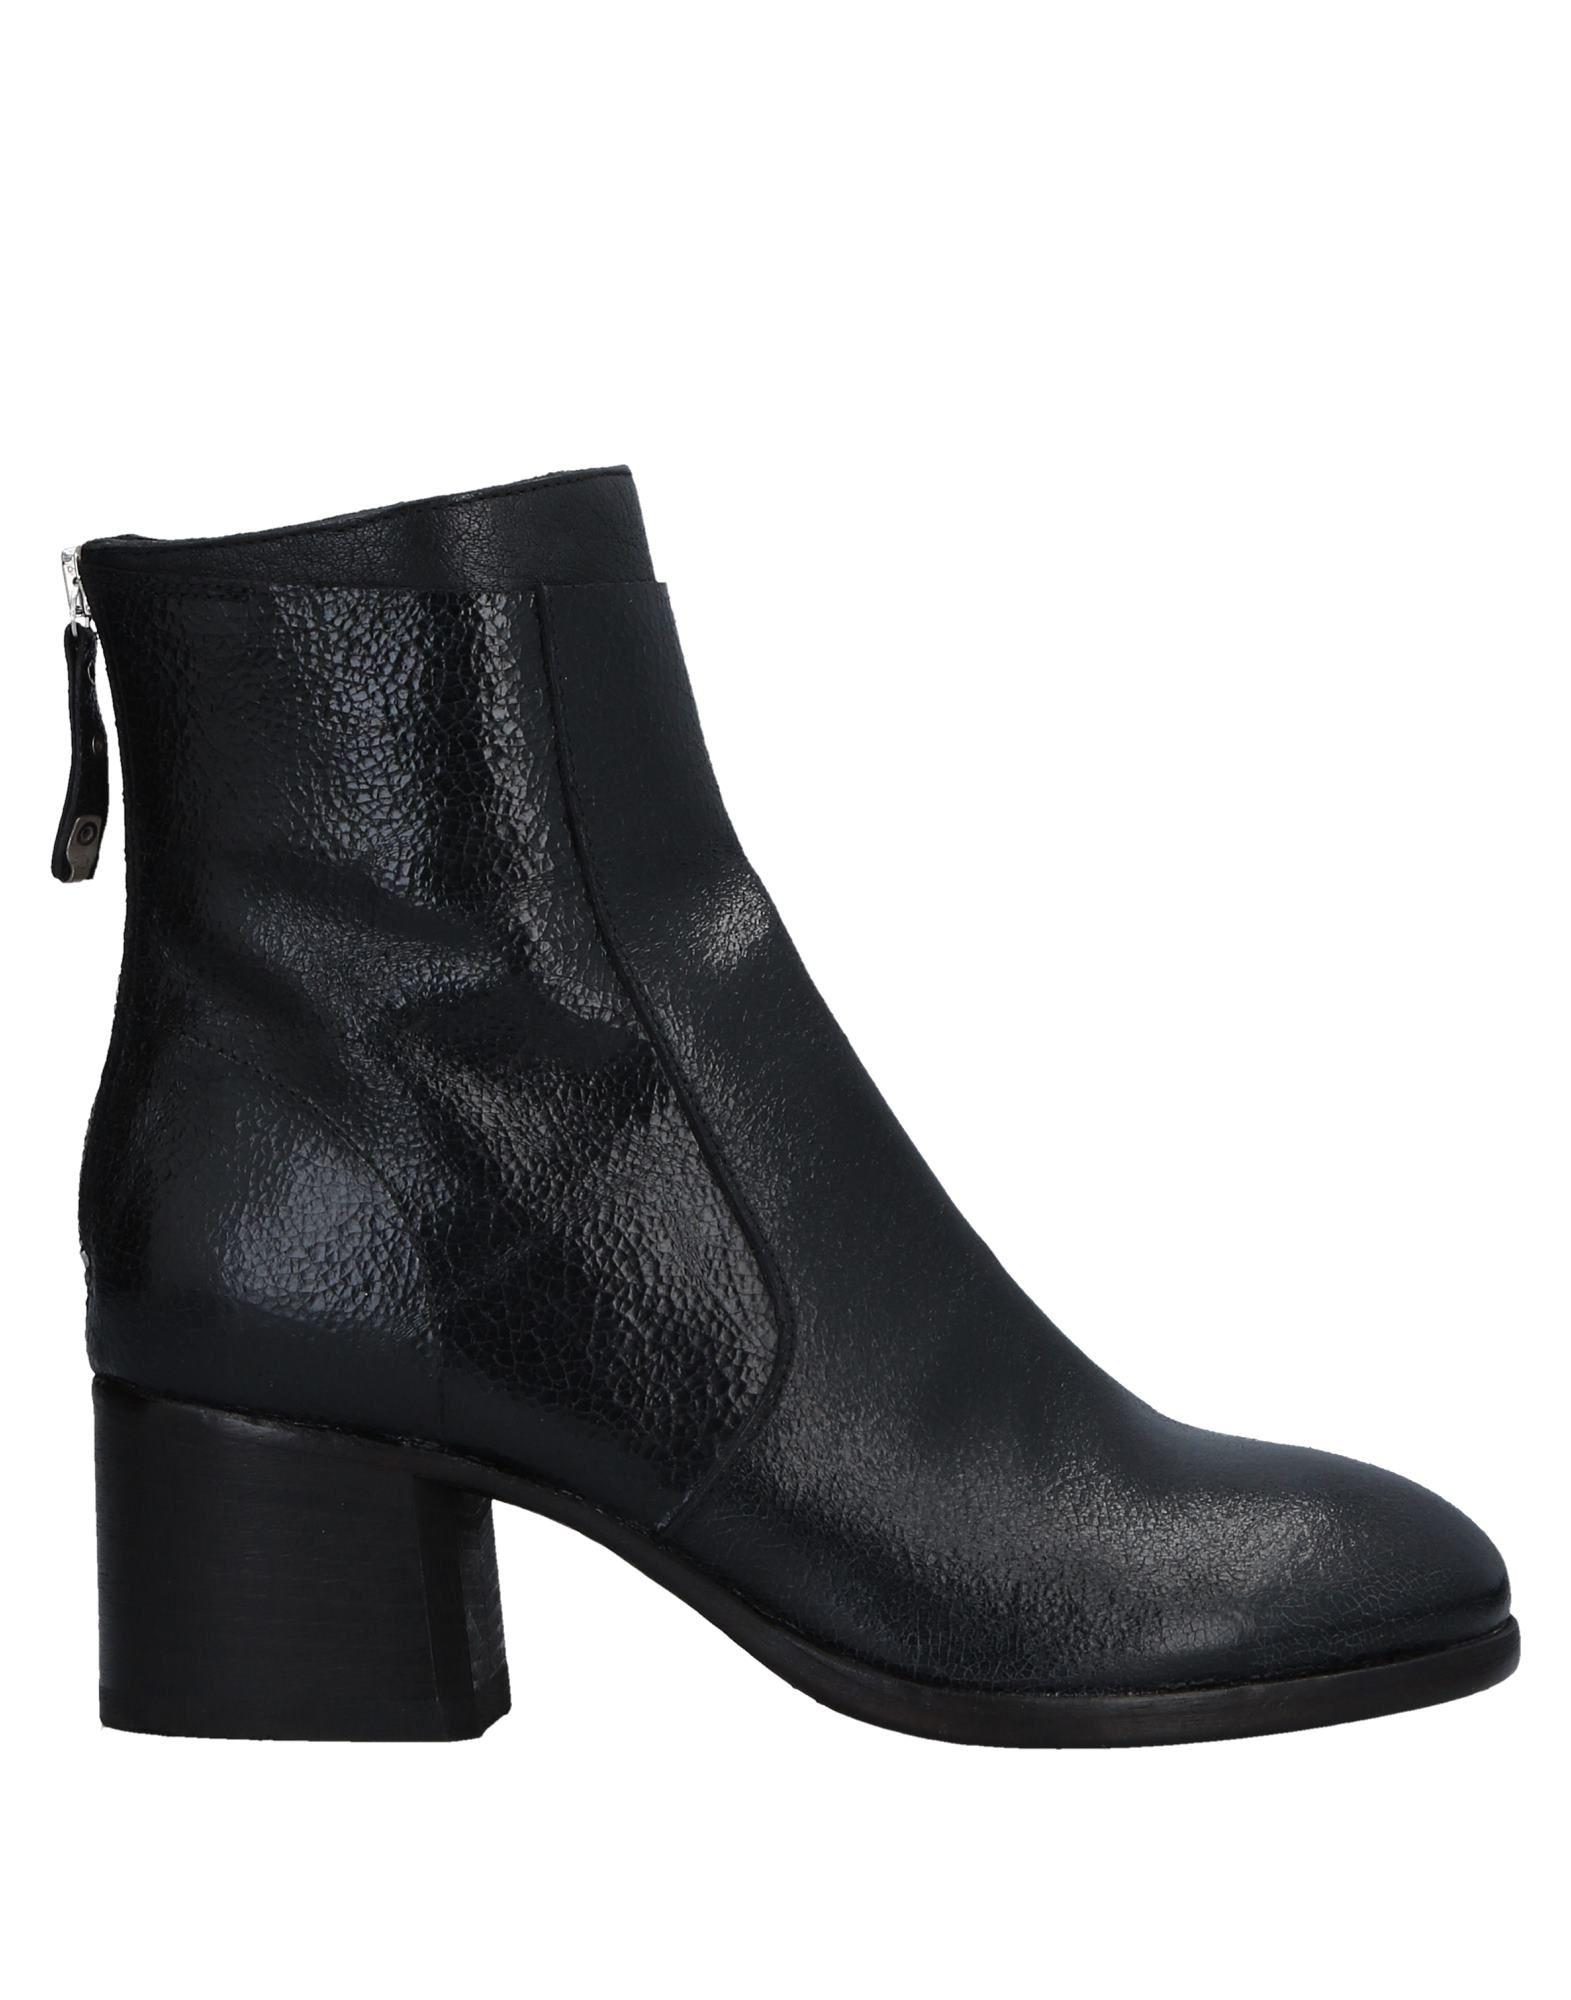 Moma Stiefelette Damen  11513949LVGut aussehende strapazierfähige Schuhe